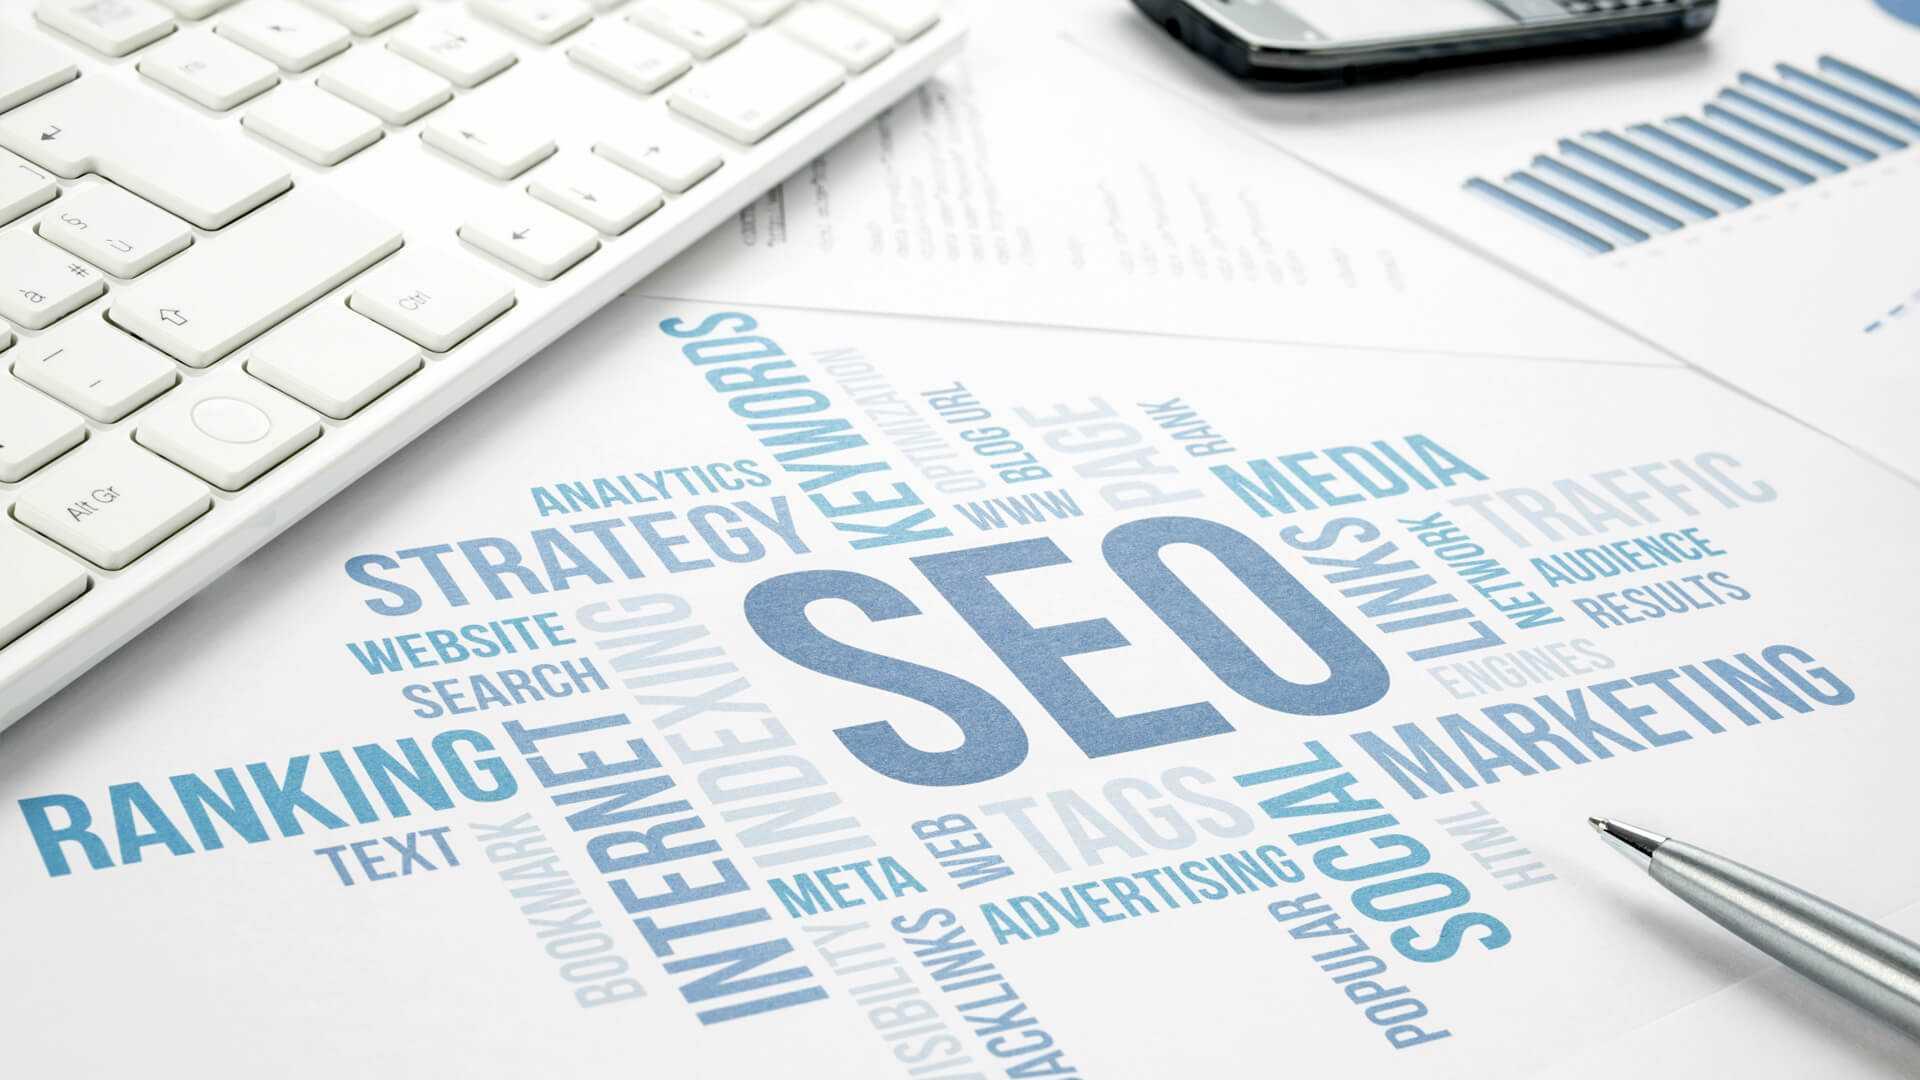 Продвижение сайтов: что нужно знать о SEO?